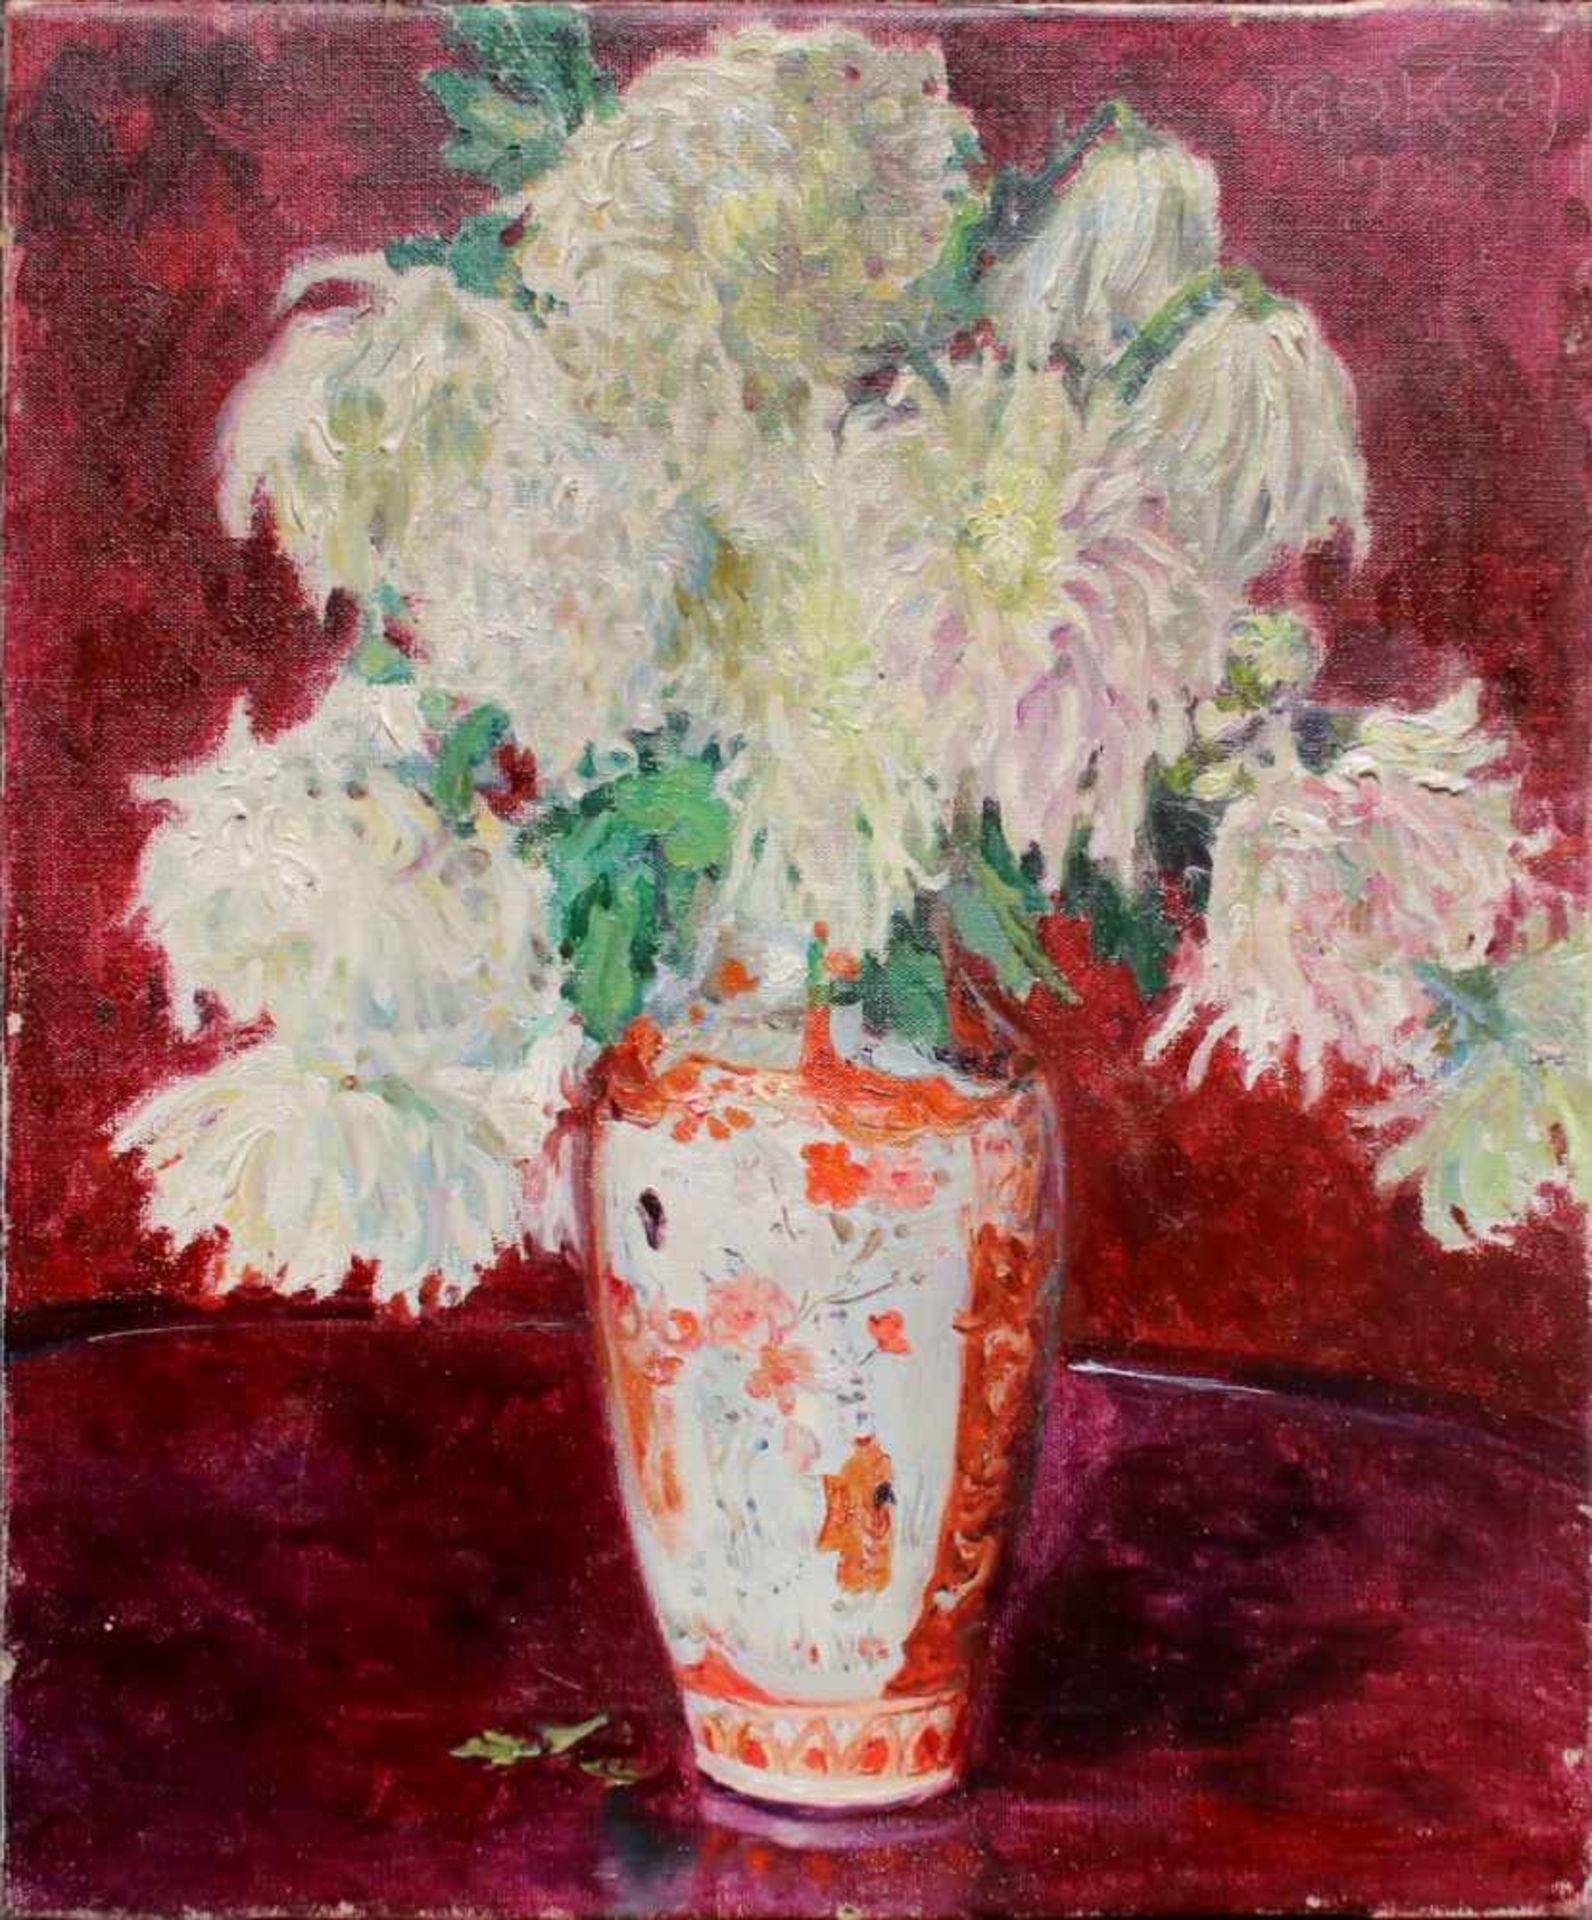 Olga Koch (1878 - 1954) Blumen in Vase 1923 Öl auf Leinwand Signiert und datiert, Rückseitig mit